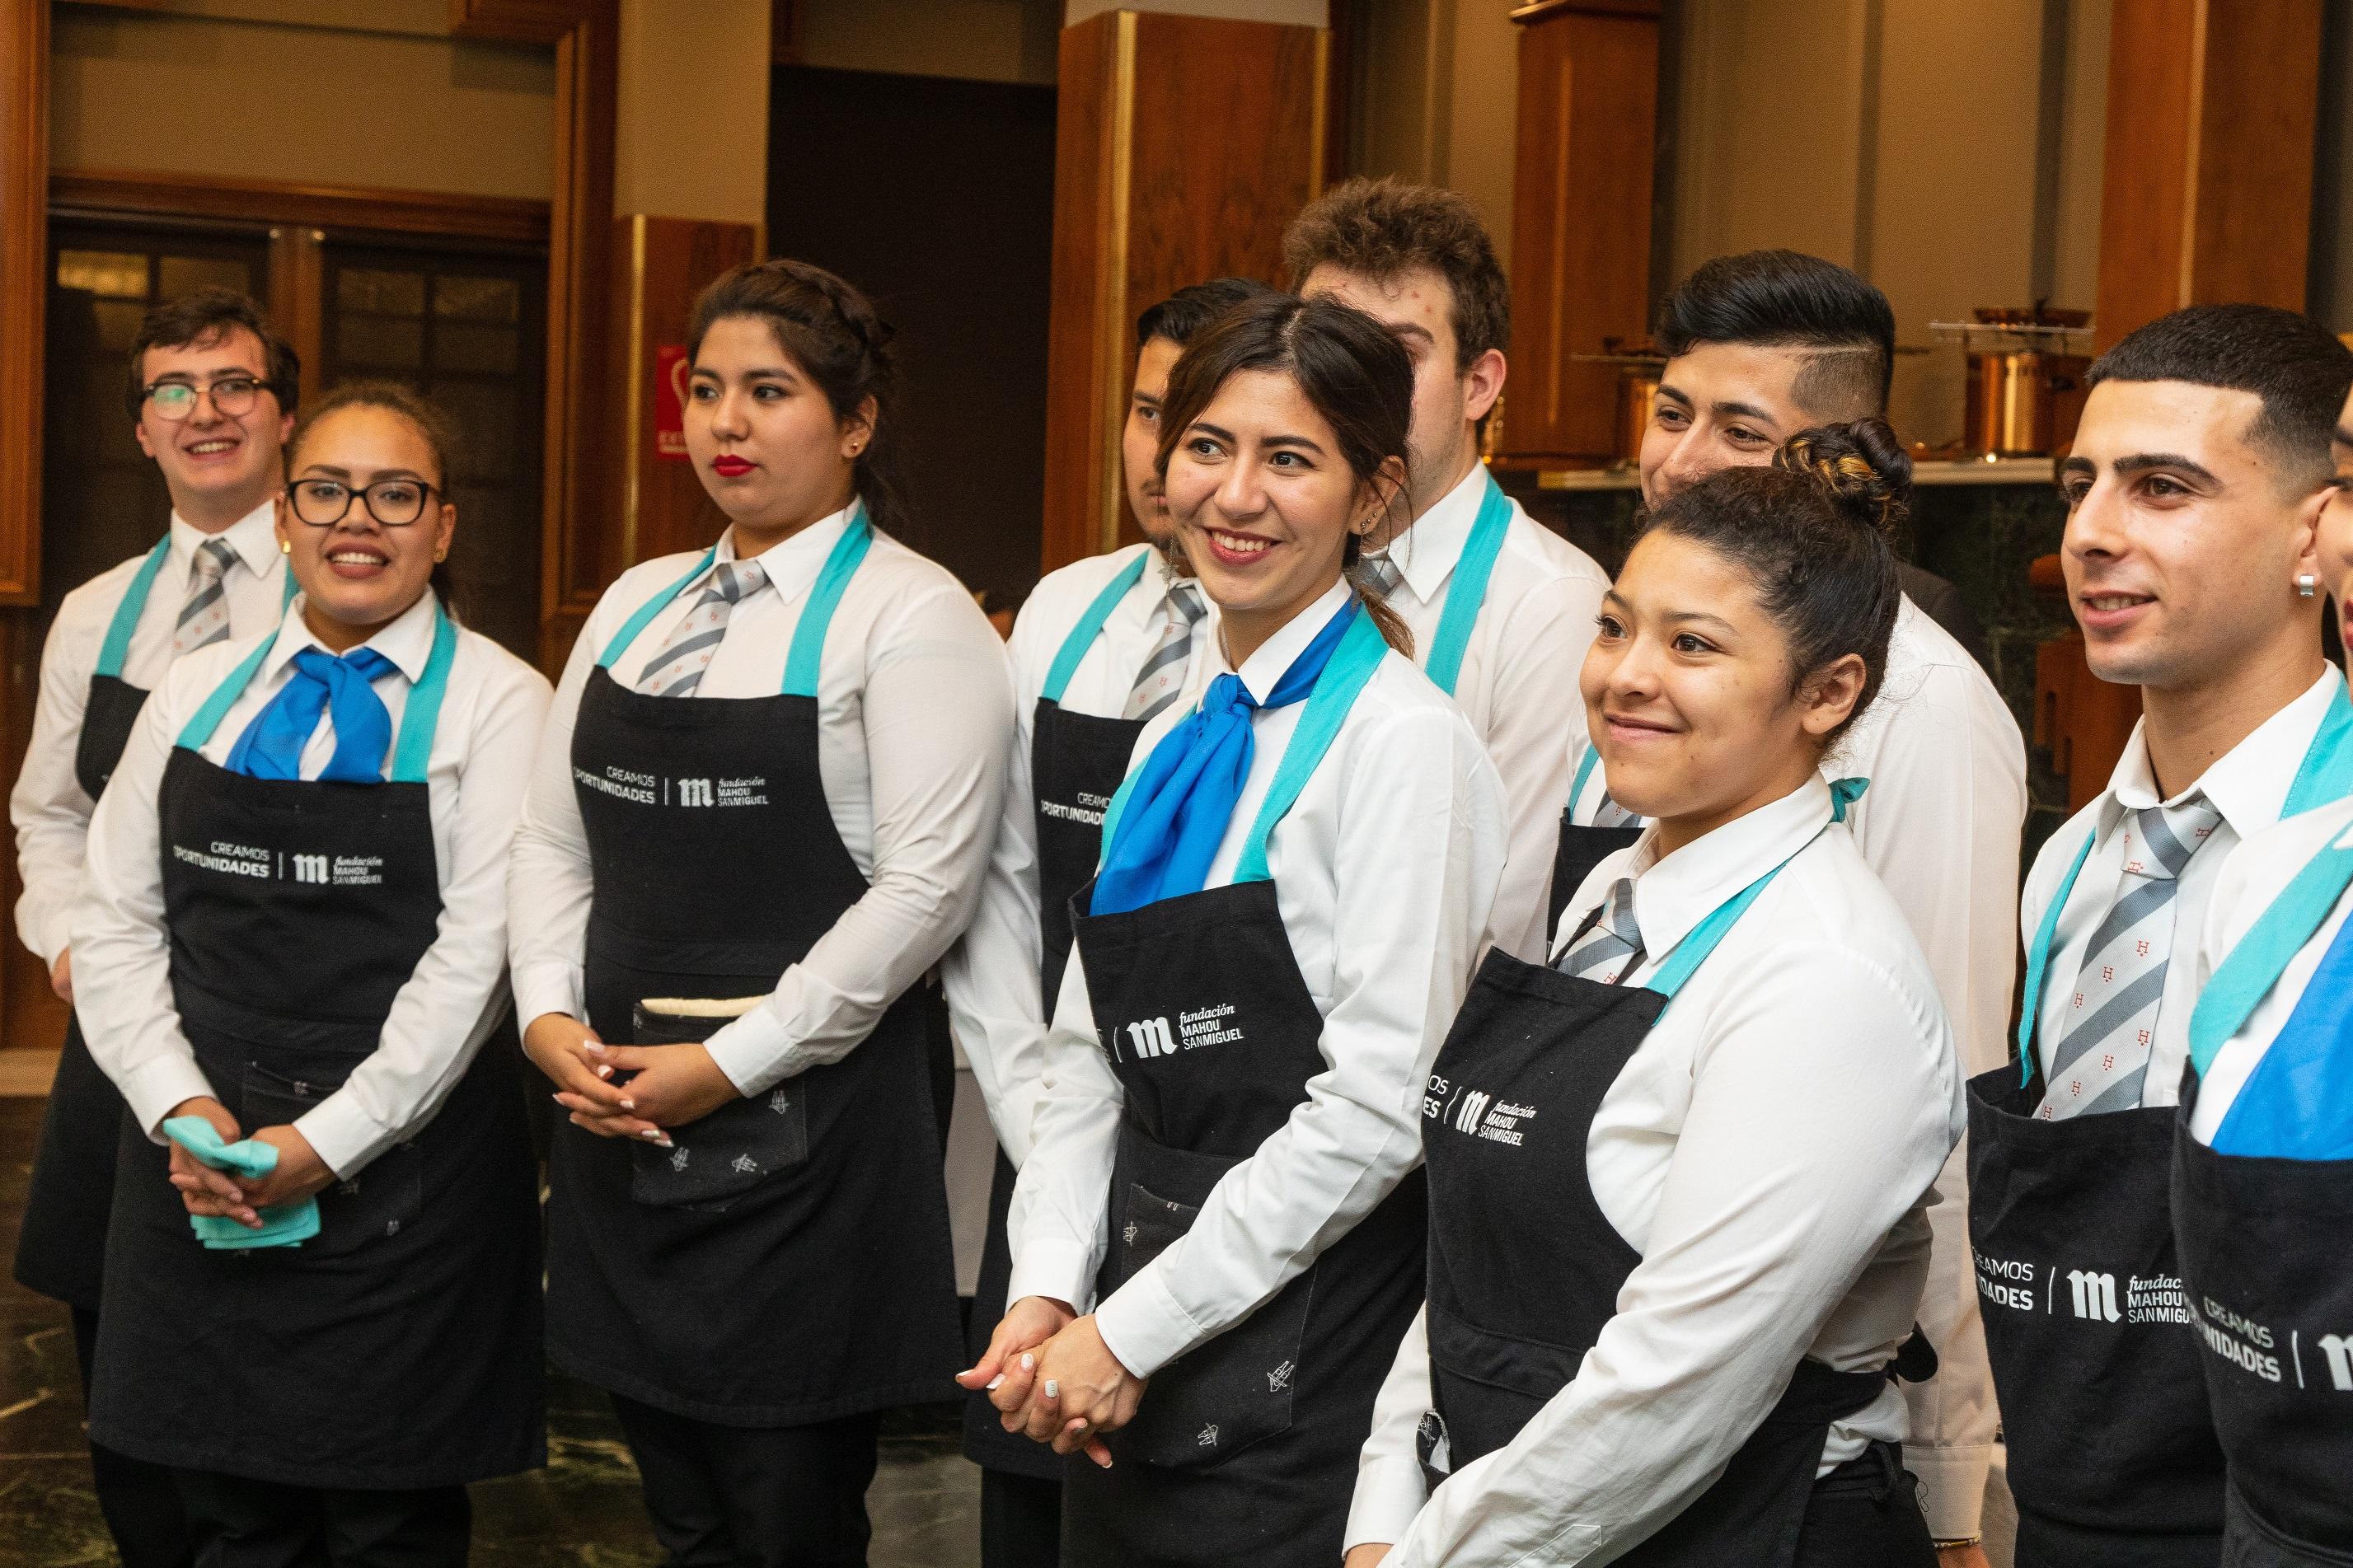 Fundación Mahou San Miguel crea el primer programa social de Dirección de Sala en colaboración con las principales escuelas y universidades de hostelería y turismo